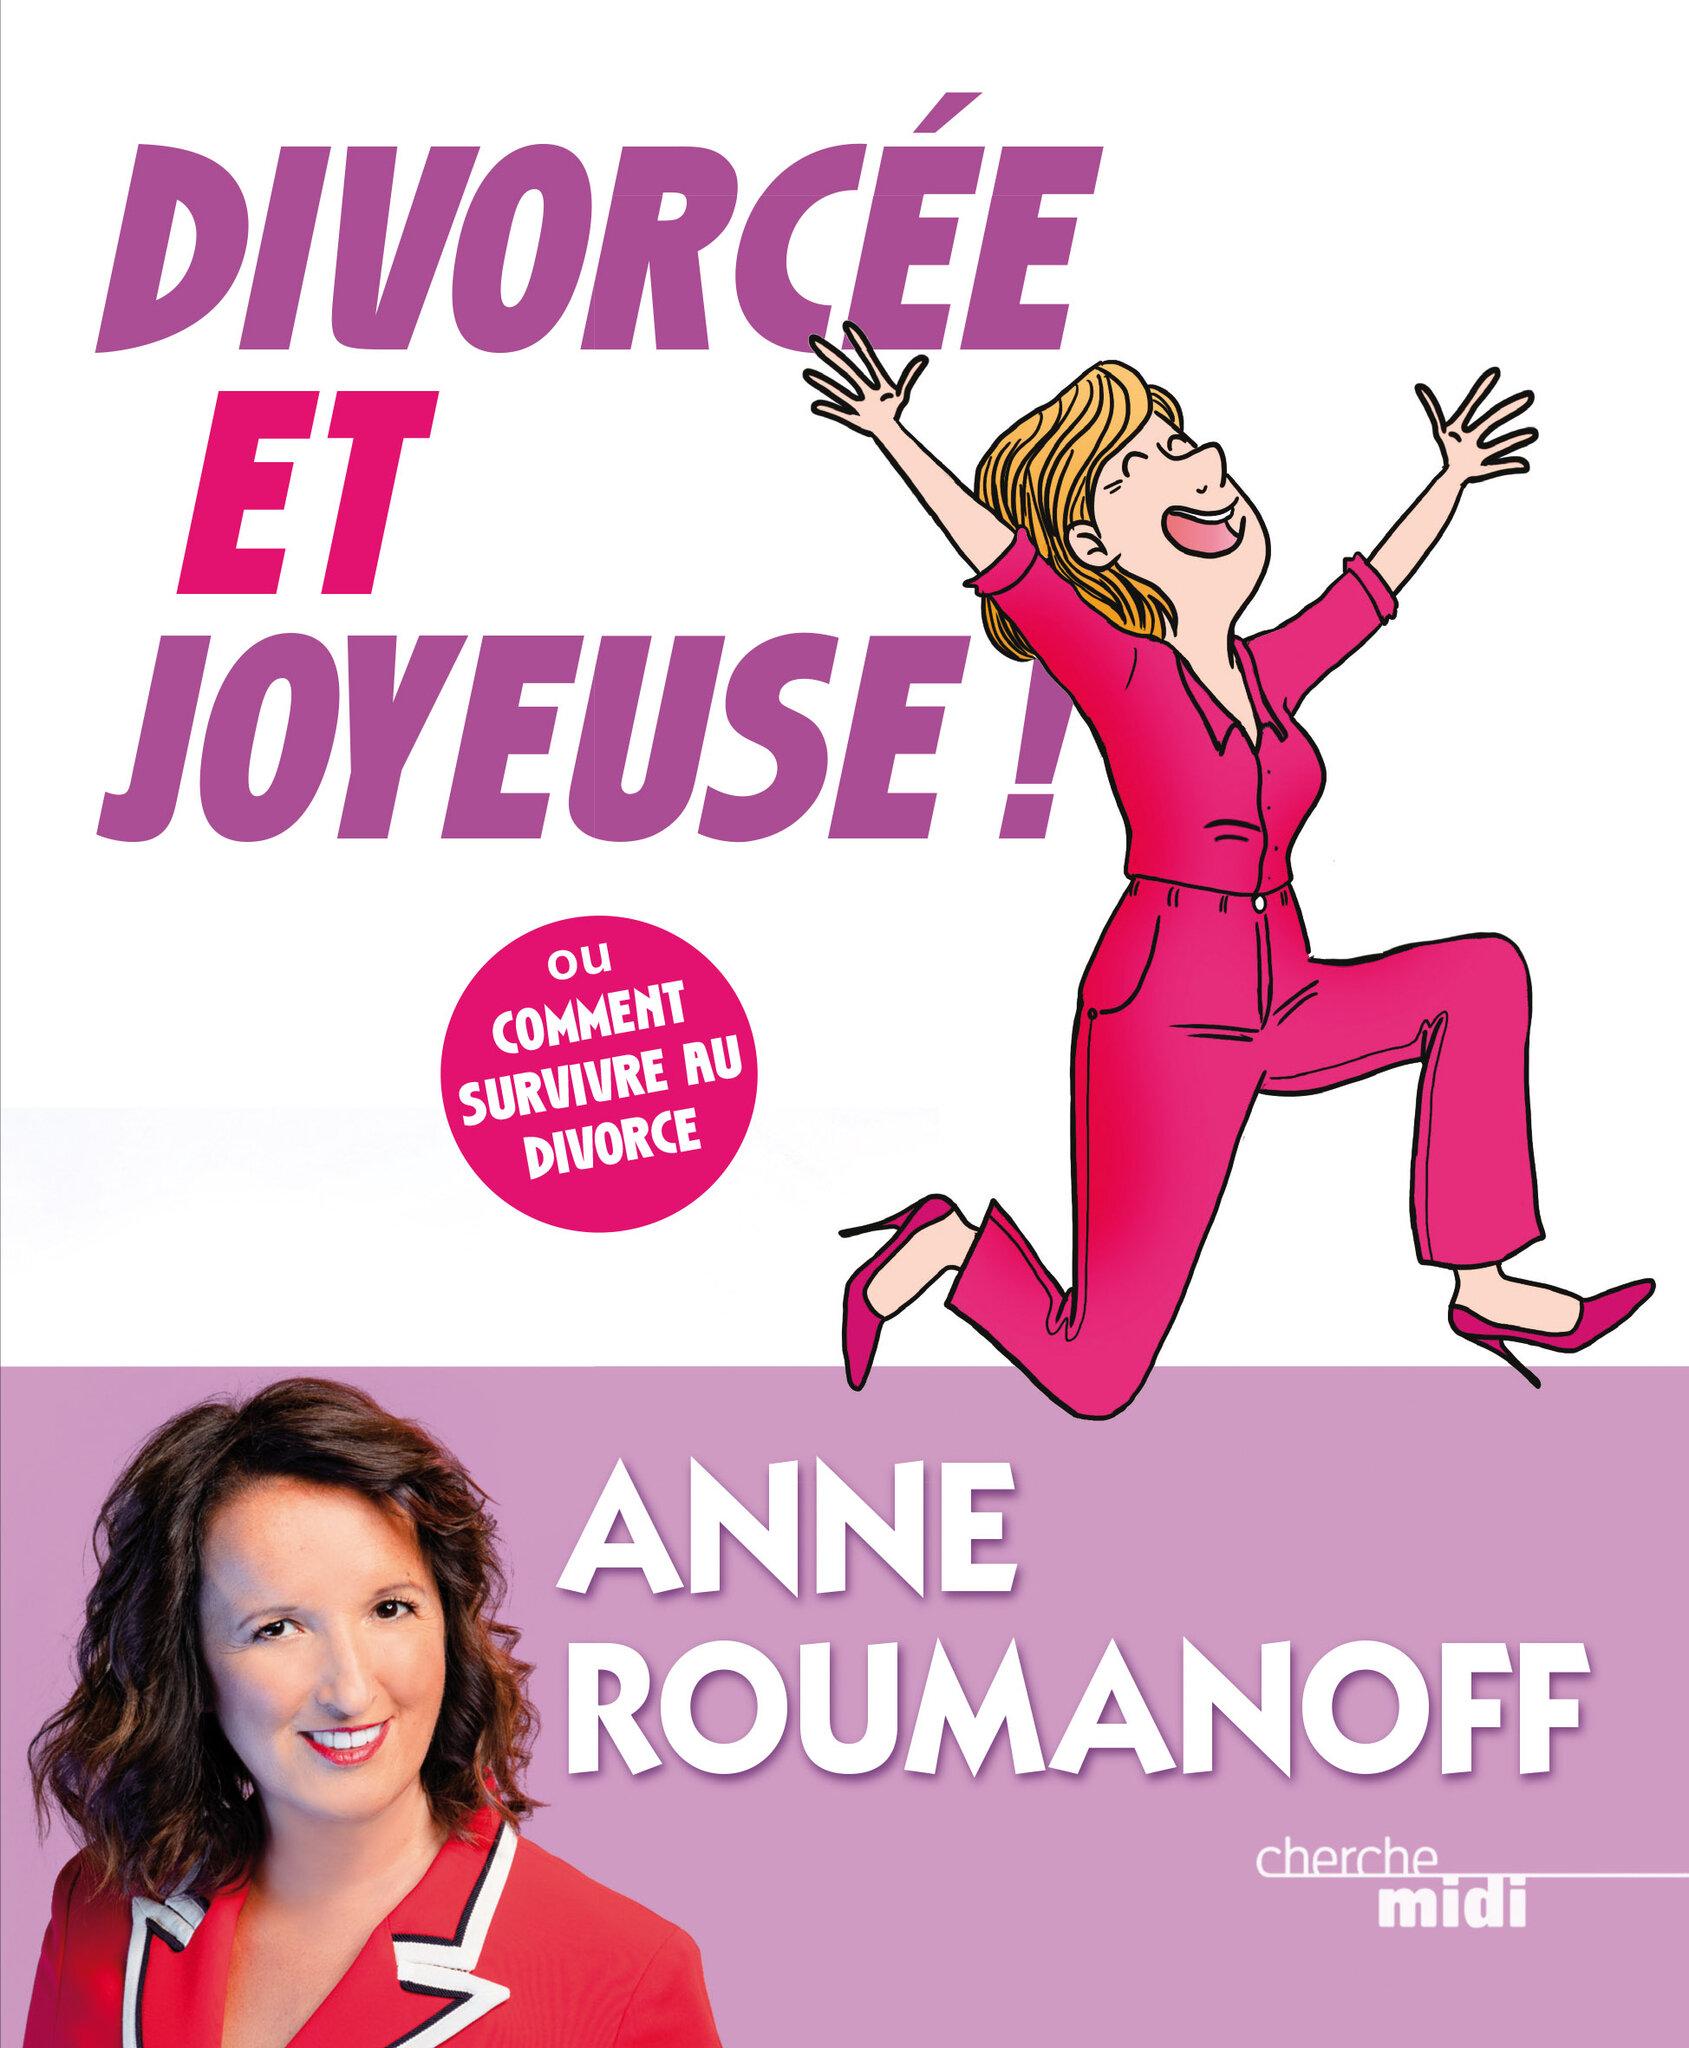 Anne Roumanoff Est Divorcee Et Joyeuse Baz Art Des